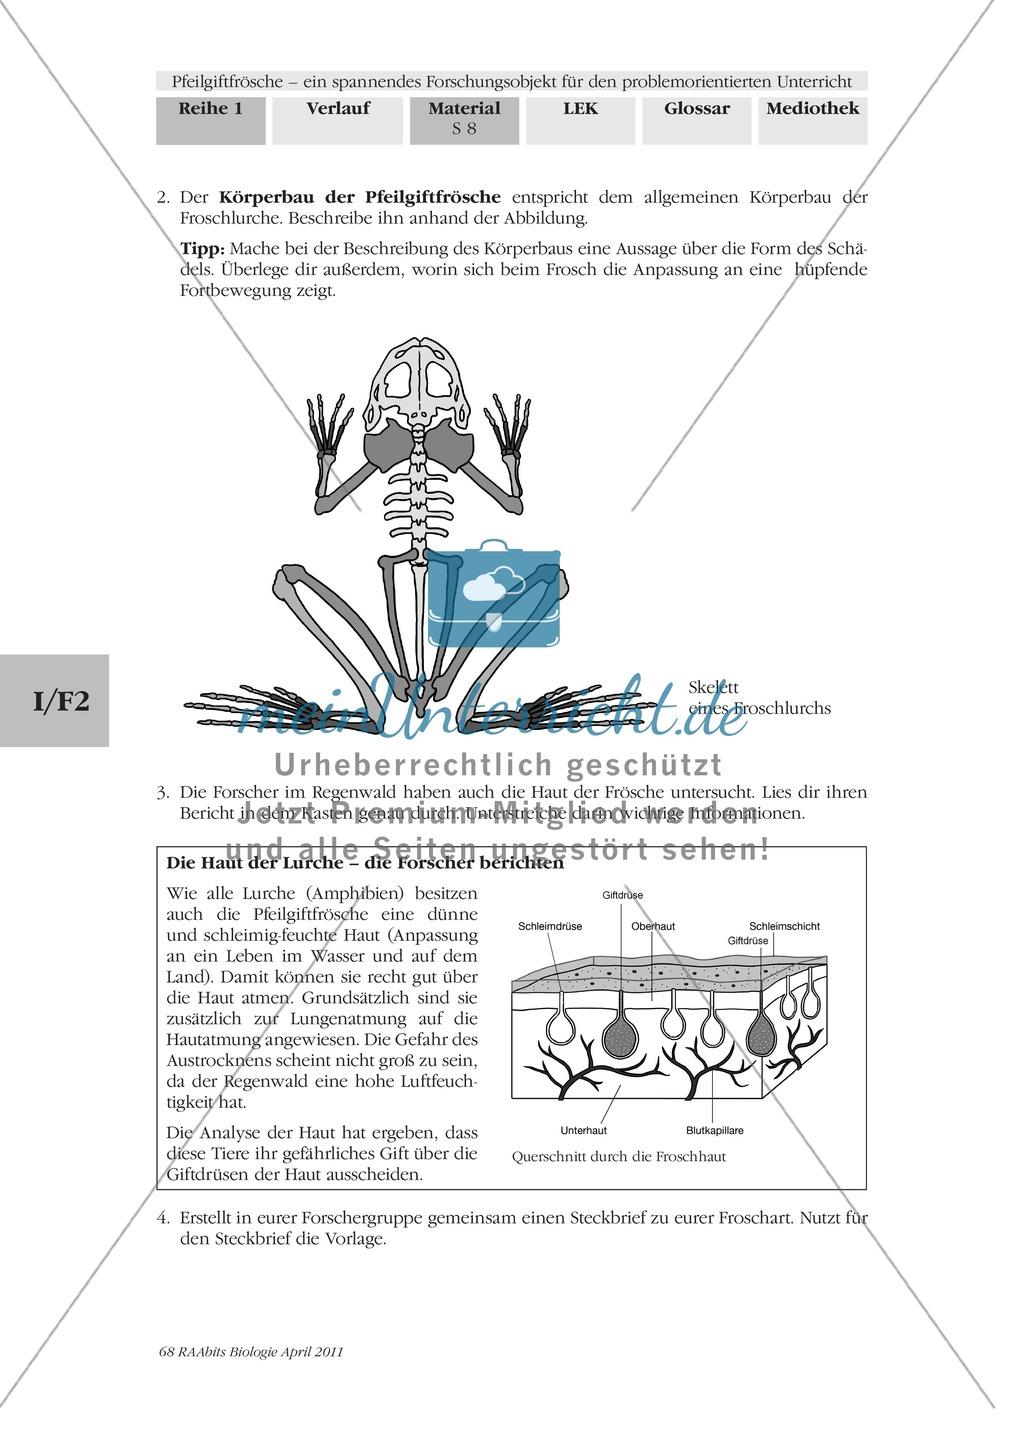 Merkmale und Eigenschaften von Fröschen am Beispiel von Pfeilgiftfröschen: Forschungsauftrag Preview 1